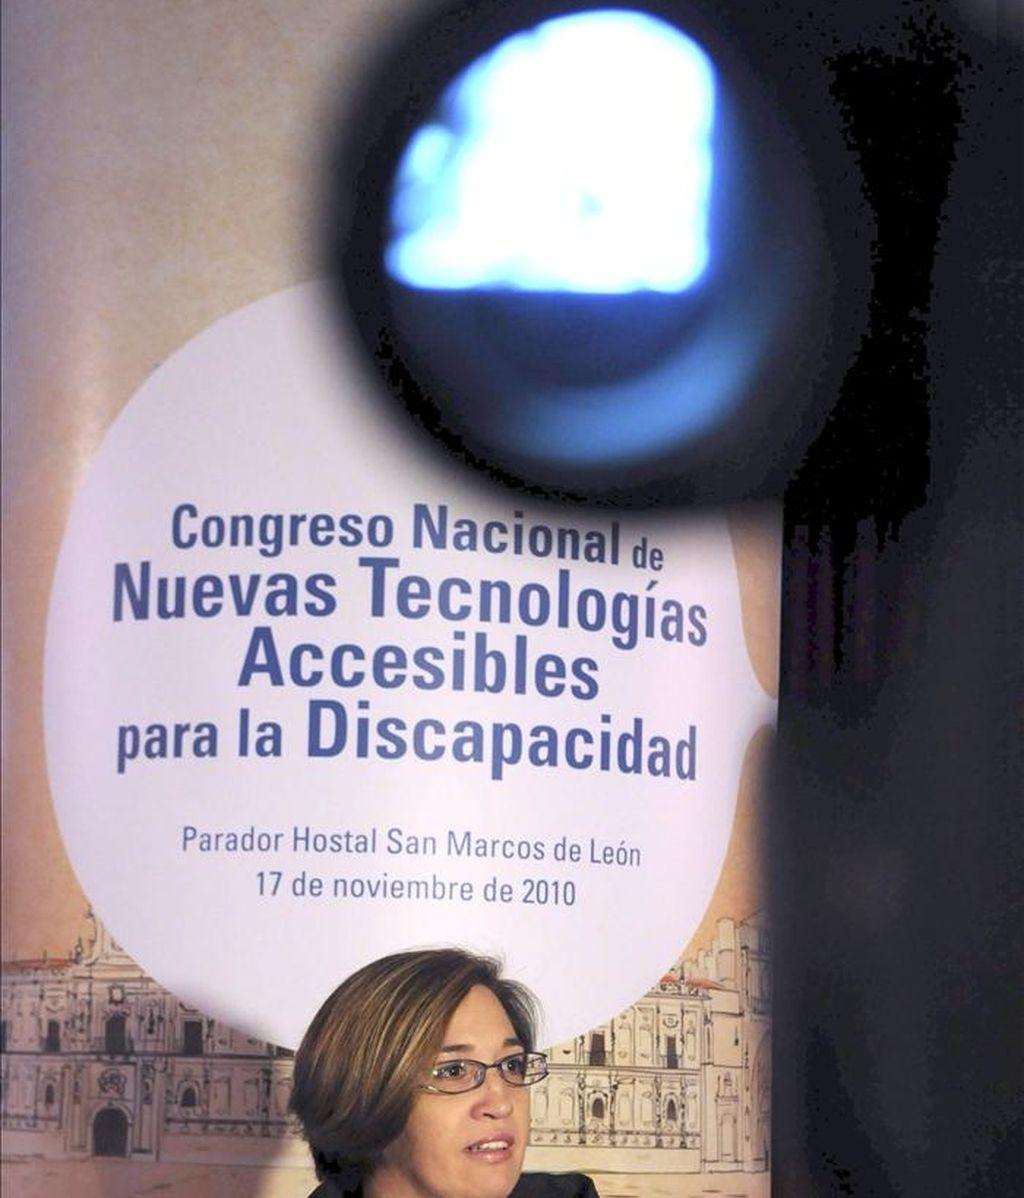 La secretaria general de la Política Social y Consumo, Isabel Martínez López, durante una rueda de prensa. EFE/Archivo